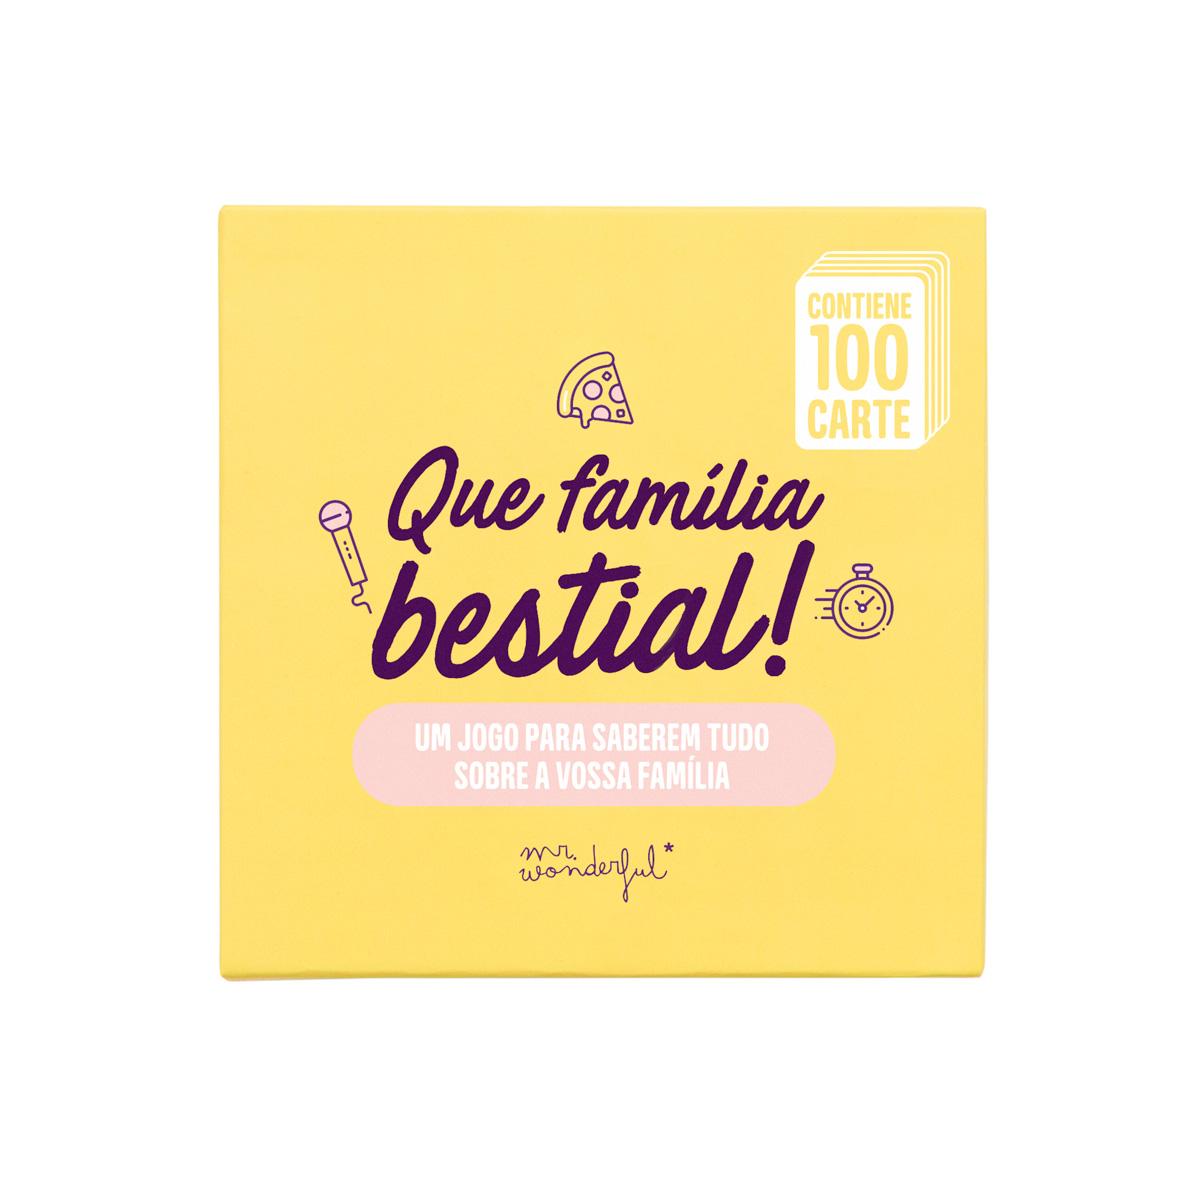 Jogo De Cartas - Que Família Bestial!